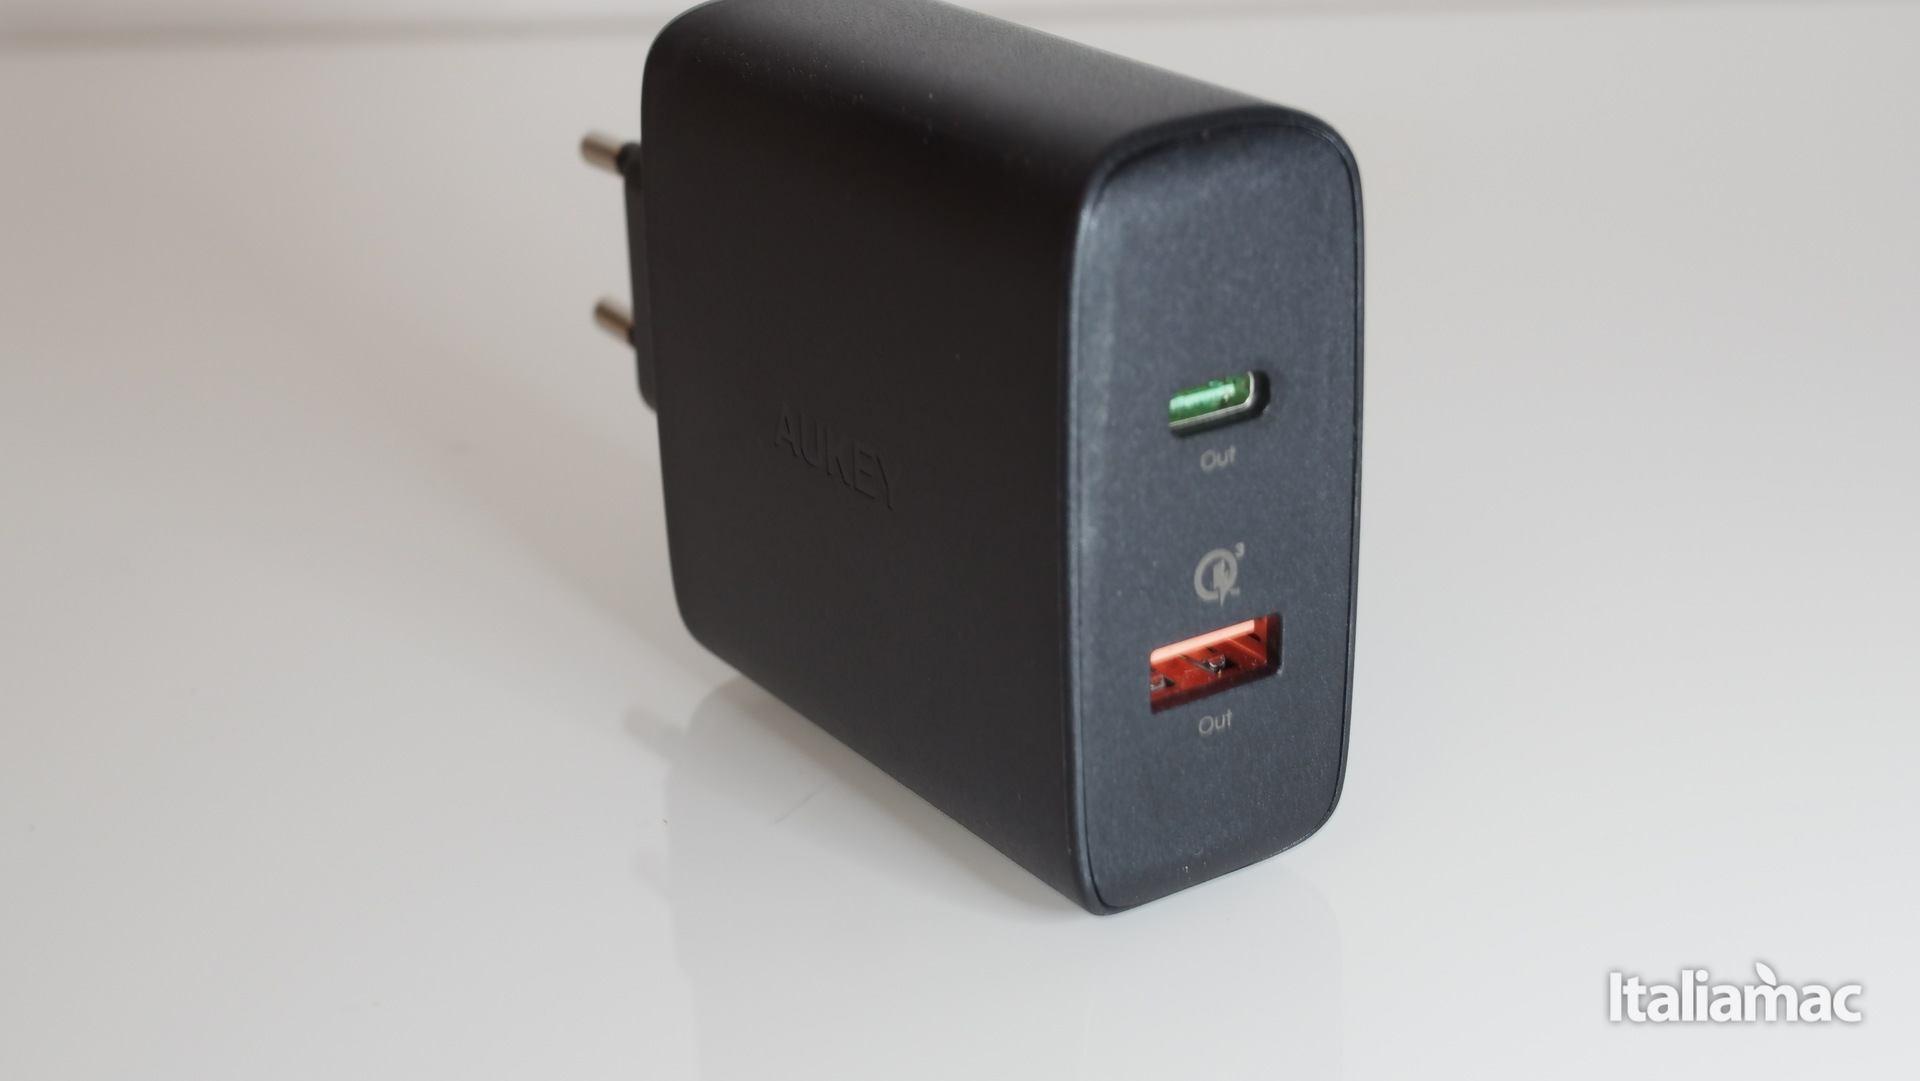 italiamac p3070947 Caricabatterie Aukey USB C per caricare rapidamente iPhone 8/Plus/X